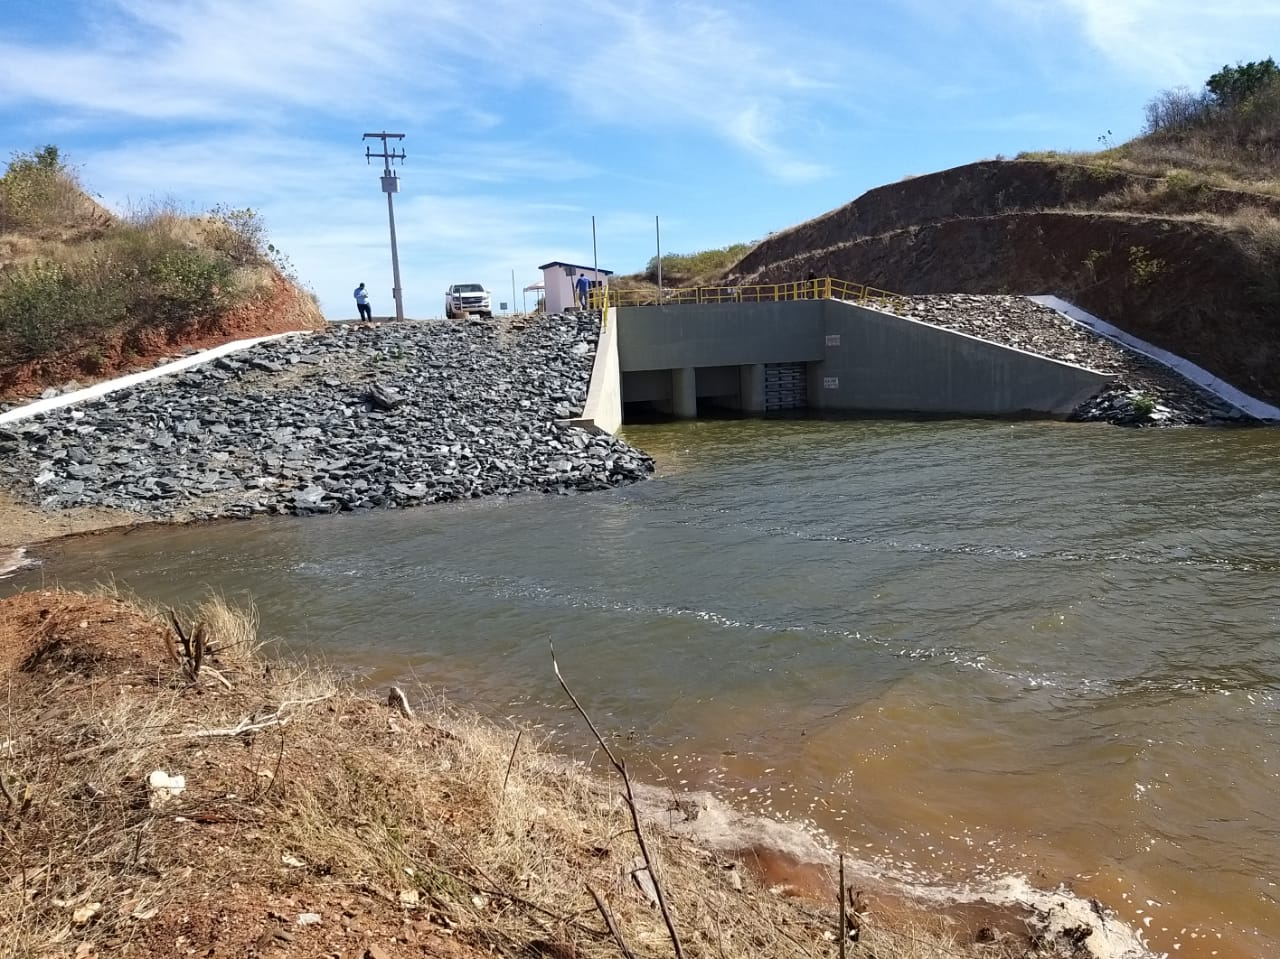 Semana da Água: Ceará mantém segurança hídrica mesmo com adversidades